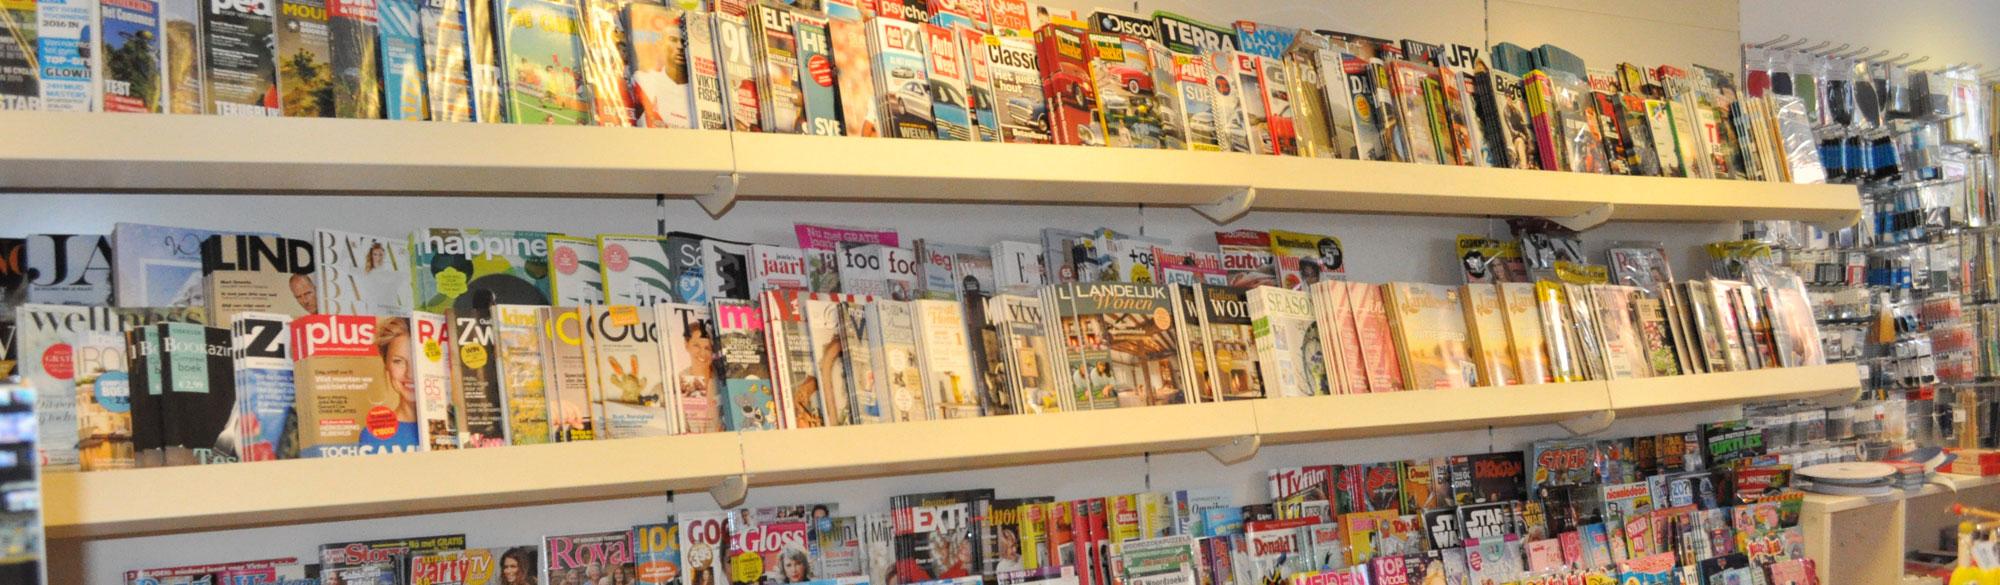 pand binnen boek en mix tijdschriften